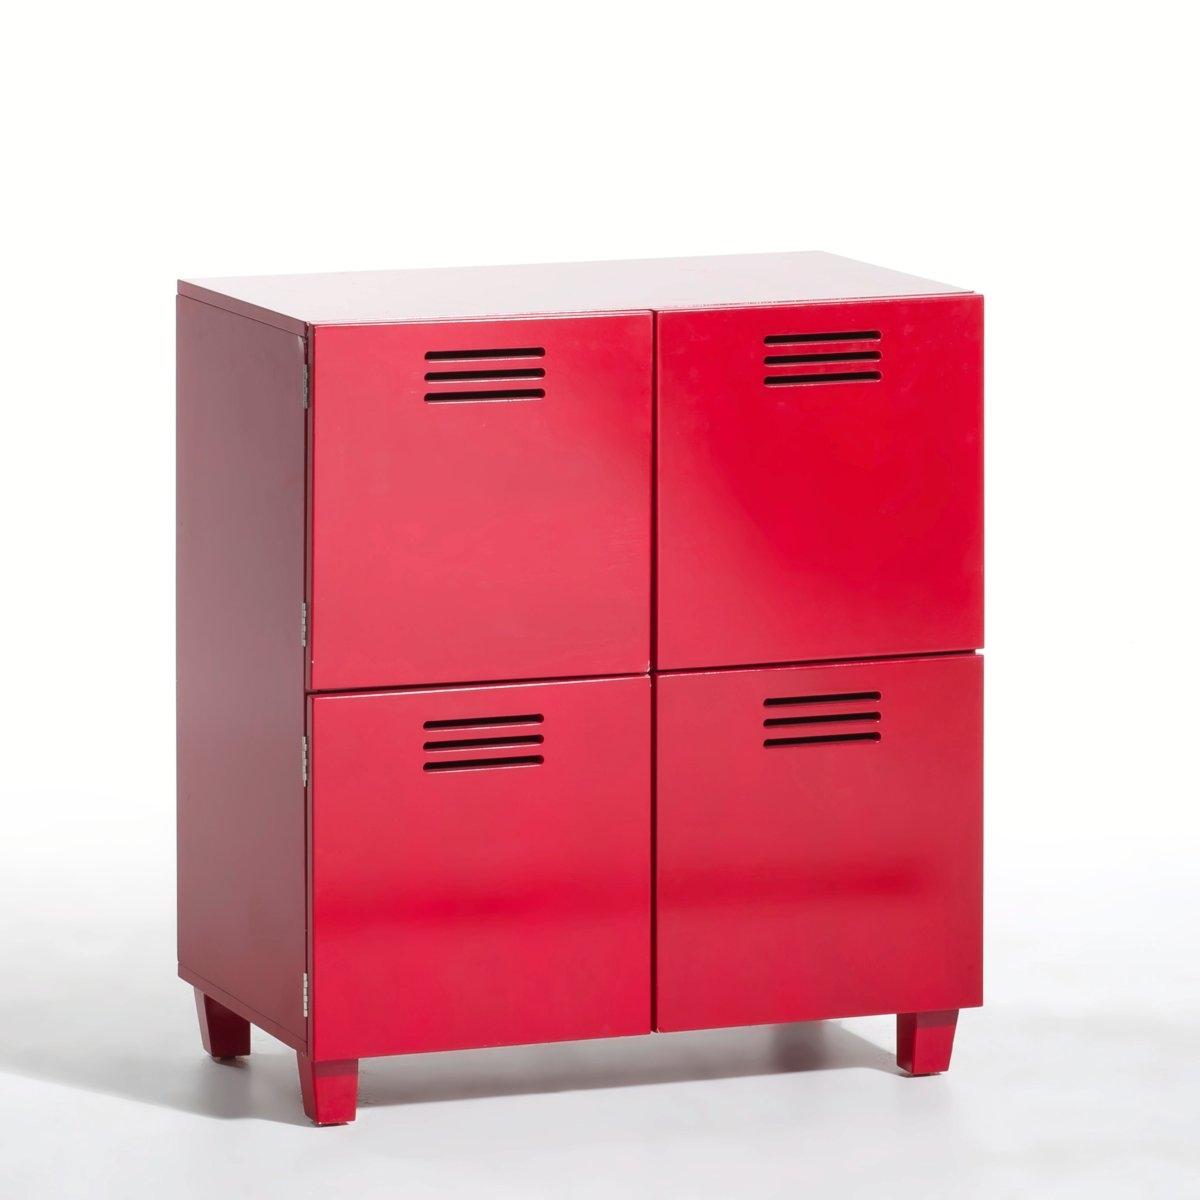 Комод 4-х дверный  HibaОригинальный лофт- комод  Hiba, выполненный в форме закрытого ящика с 4  дверцами  в 3 цветовых решениях . Идеален как для хранения вещей, так и игрушек... Описание :1 ящик 4 дверцы Характеристики :МДФ .лакированное покрытие  .Вся коллекция Hiba на сайте ..Размеры  :Общие : Ширина : 70 смВысота : 75 смГлубина : 37 смВнутренние размеры : L32,5 x H32 x P35,5 см .Доставка :Поставляется в разобранном виде  . Возможна доставка до квартиры  !Внимание ! Убедитесь, что посылку возможно доставить на дом, учитывая ее габариты.<br><br>Цвет: белый,Серо-синий